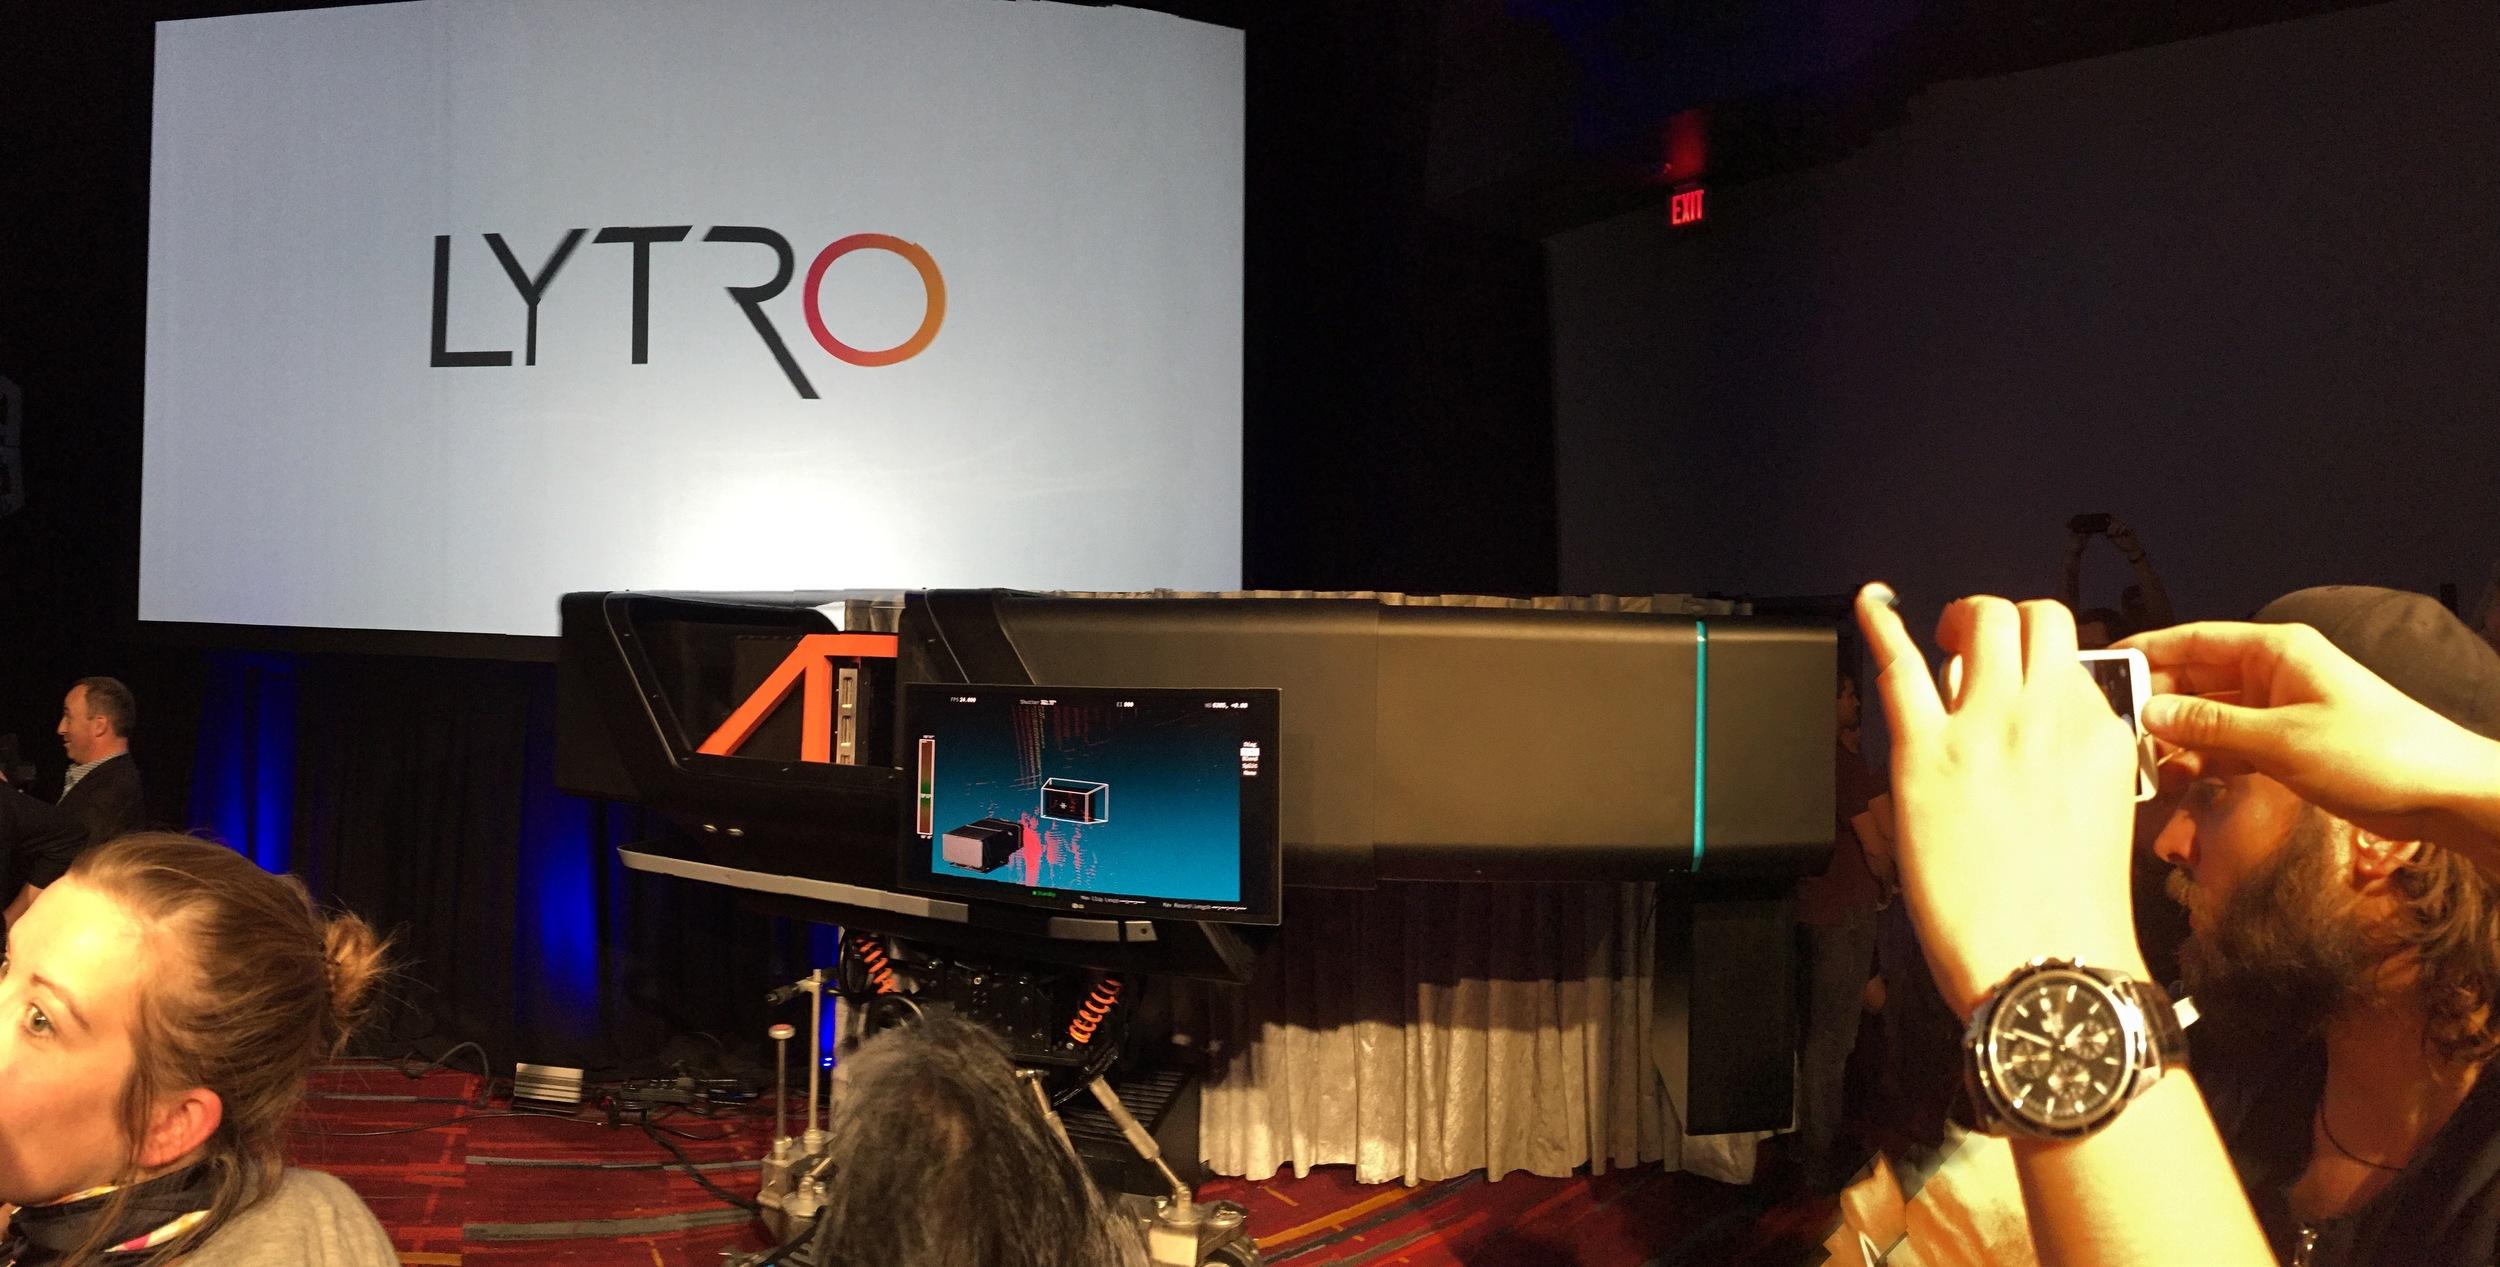 The Lytro cinema camera up close